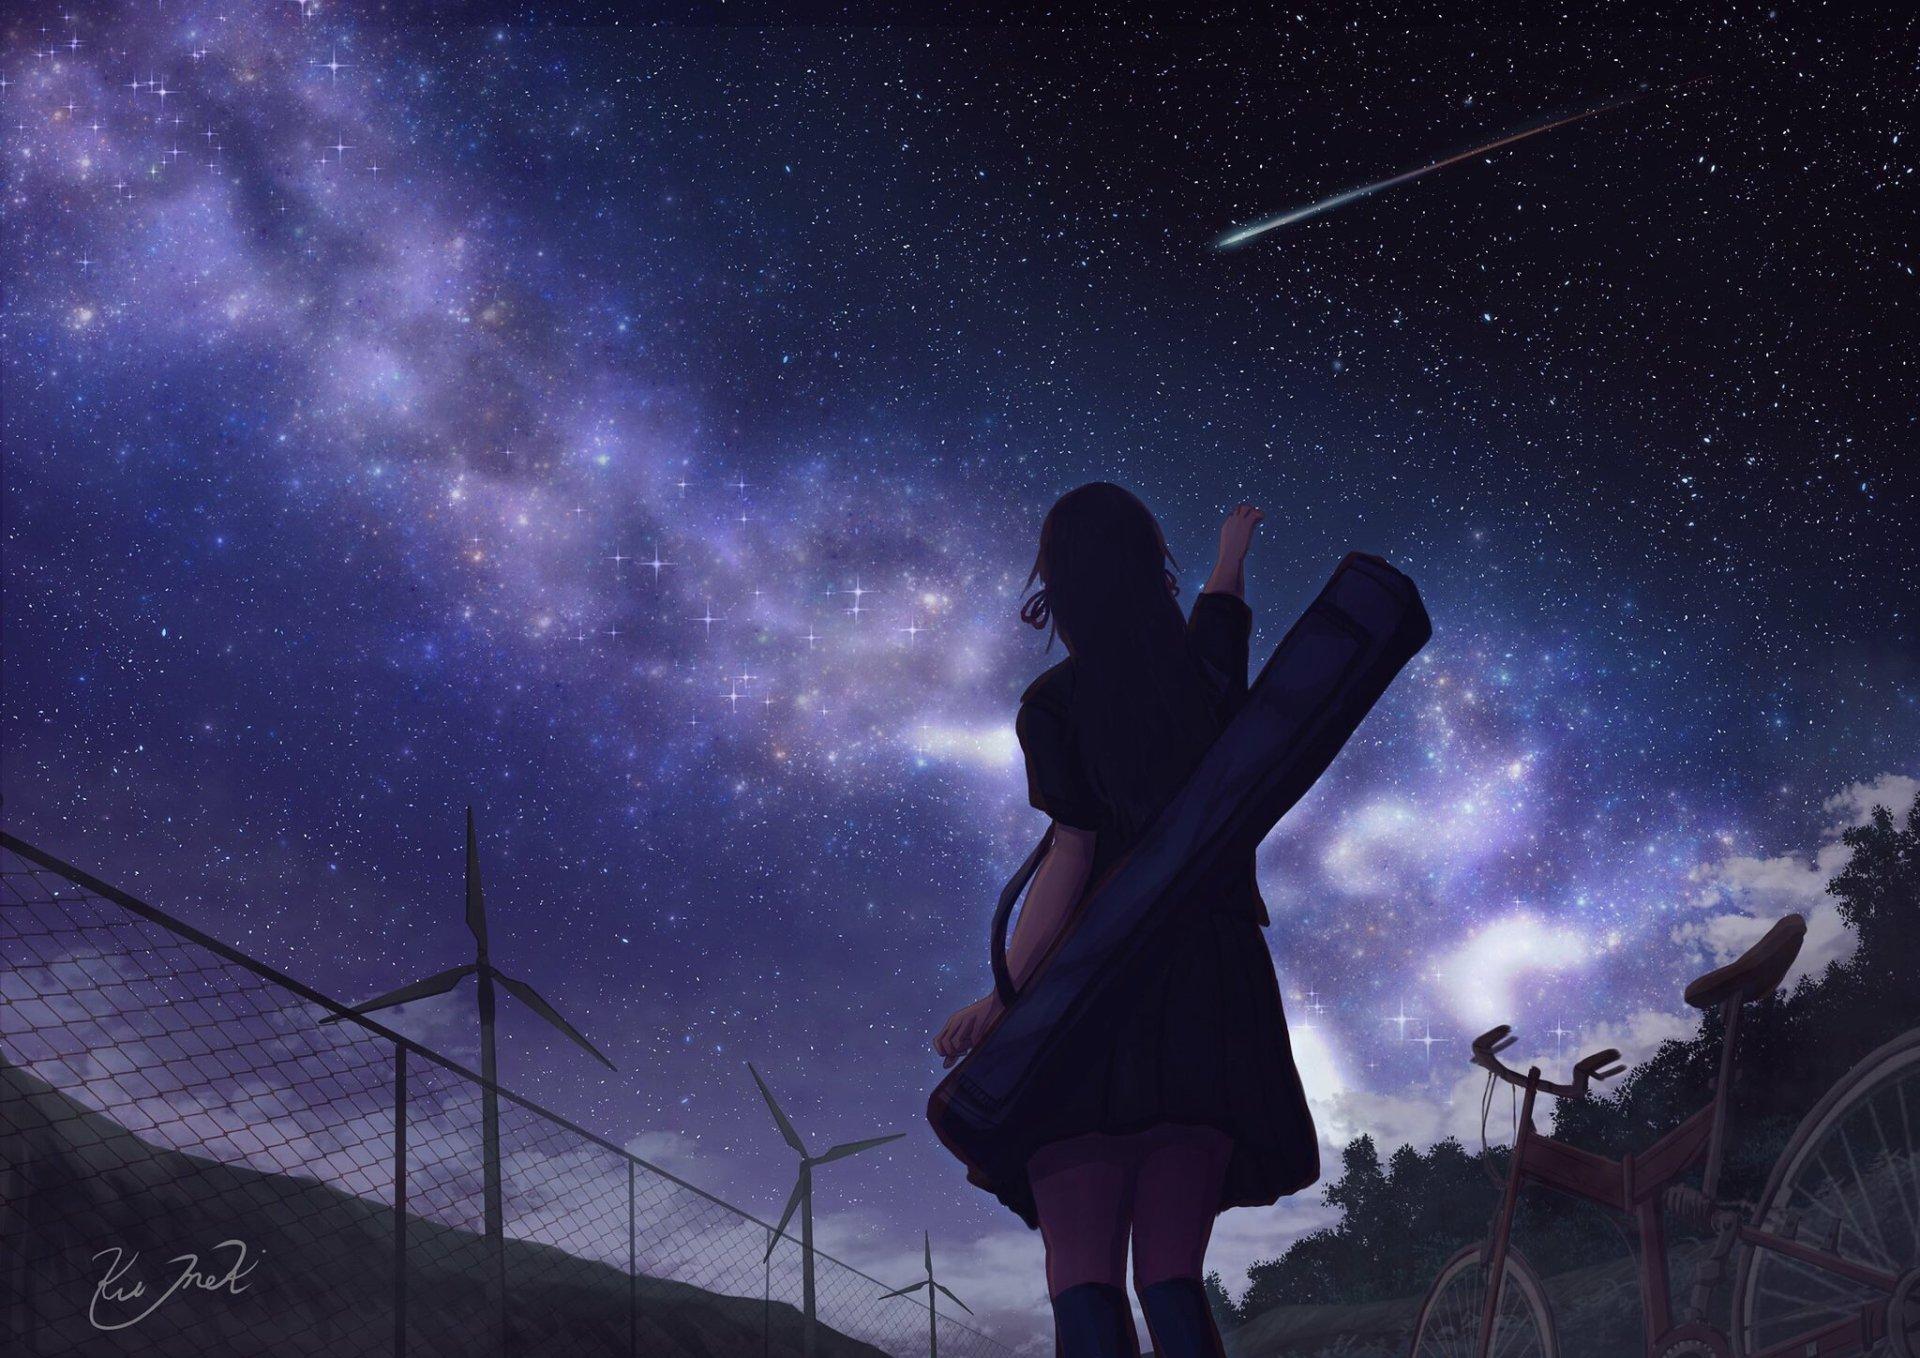 Anime - Original  Sky Stars Nebula Fence Wind Turbine Bike Forest Girl Wallpaper